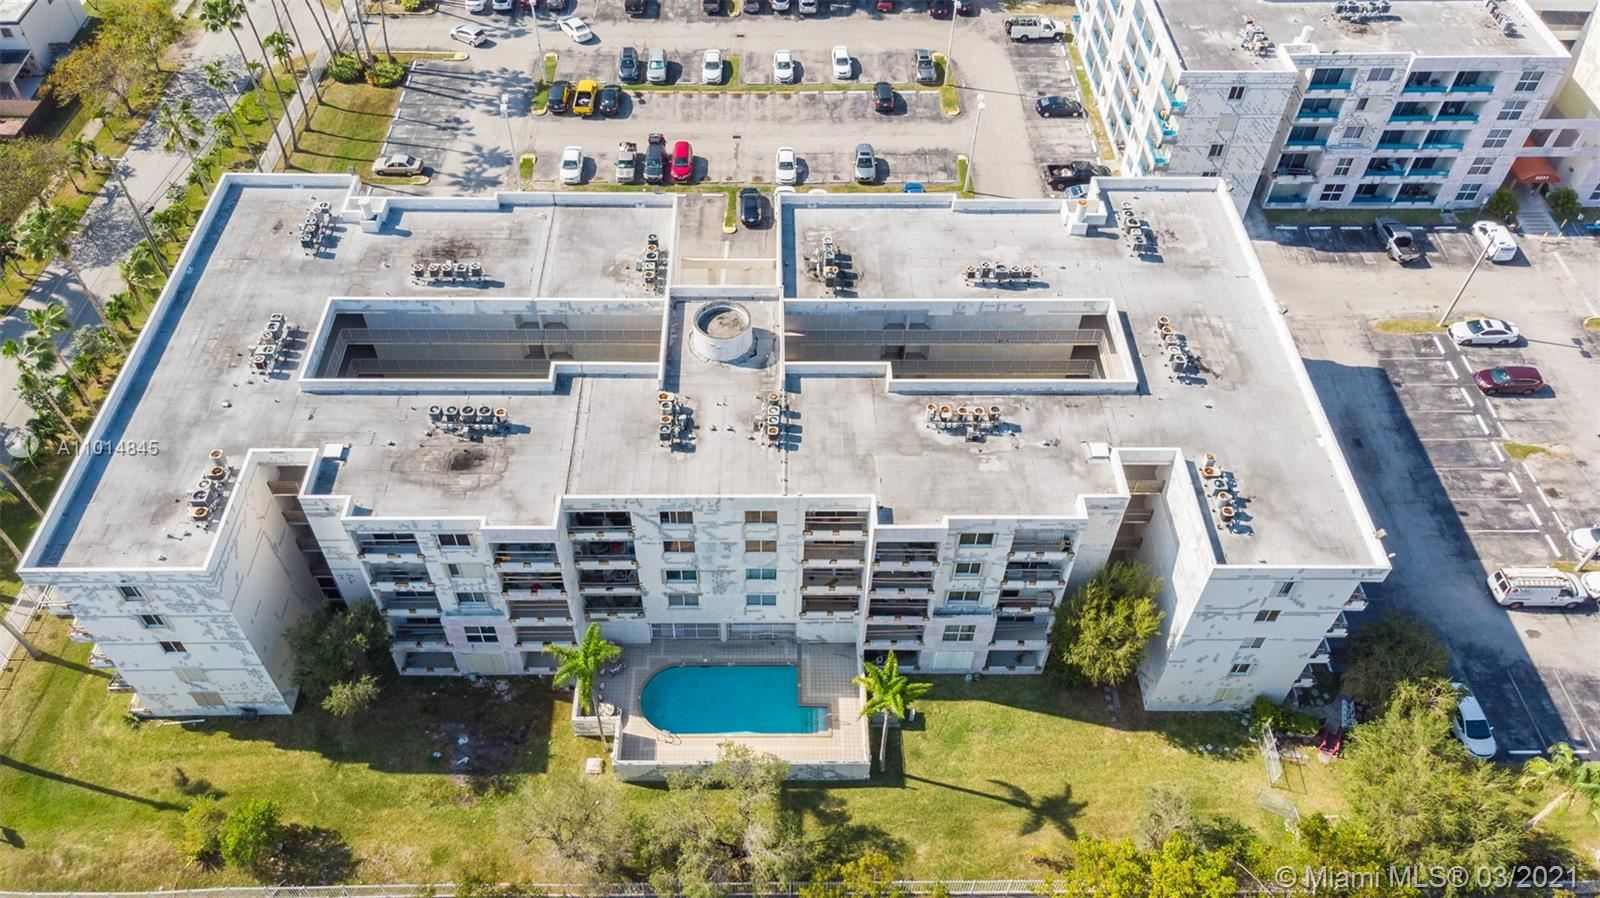 8201 NW 8th St #1-307, Miami, FL 33126 - #: A11014845